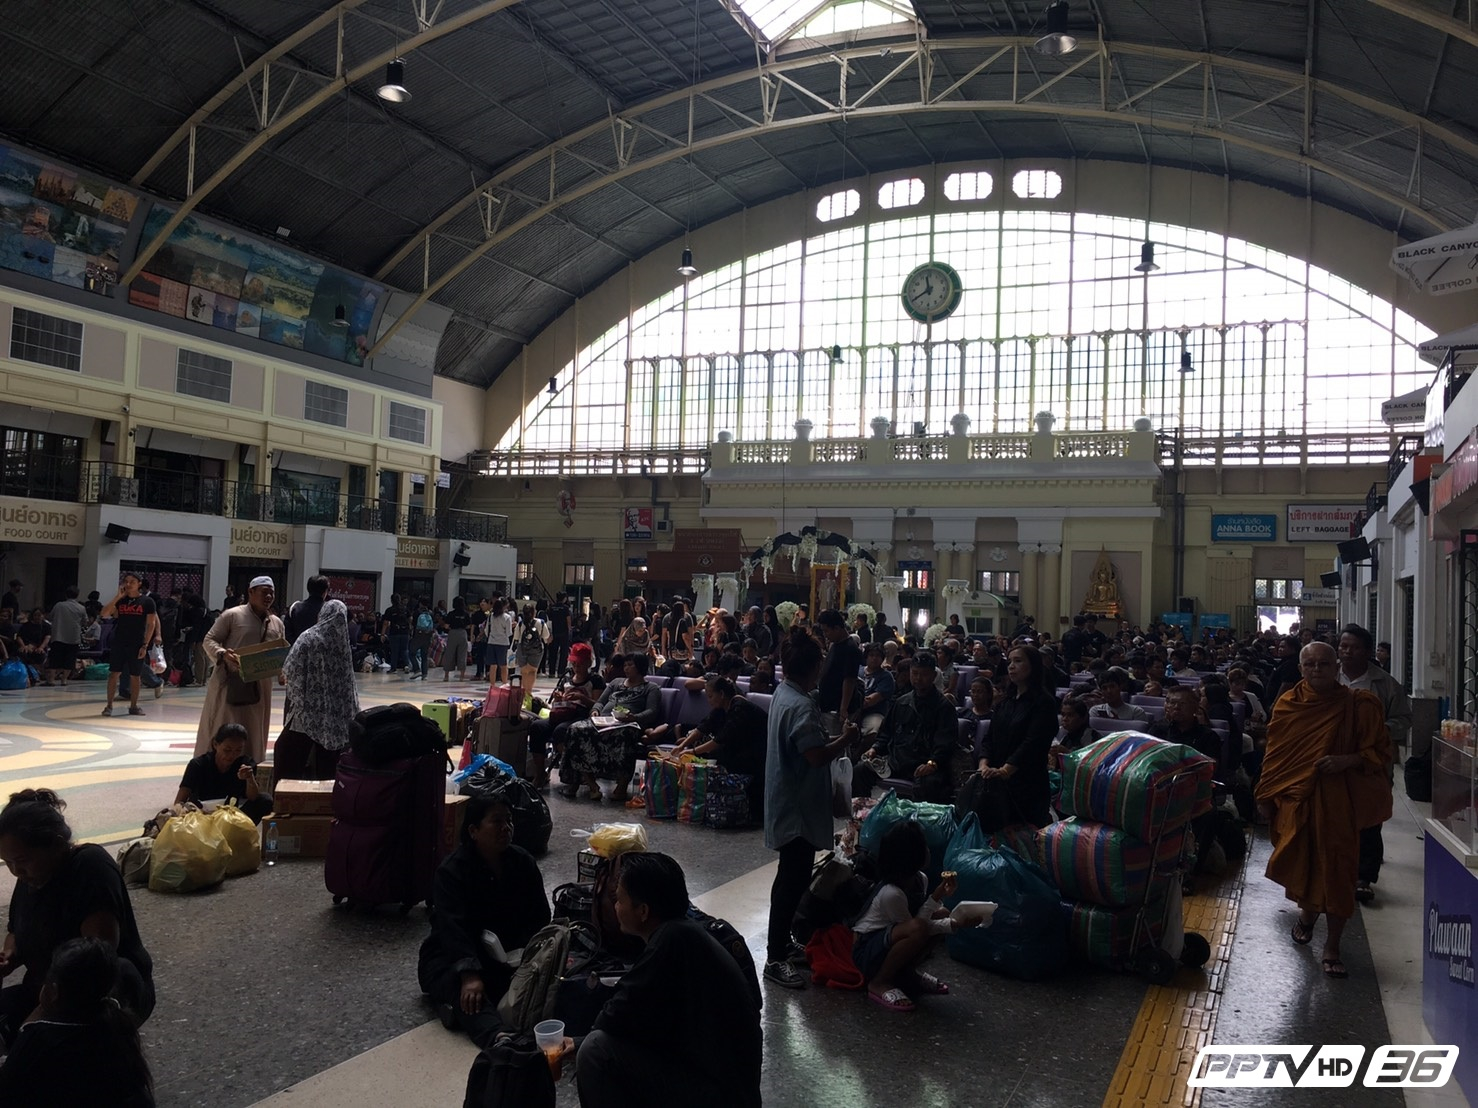 รฟท. เพิ่มขบวนรถรับประชาชนเดินทางกลับ กทม.